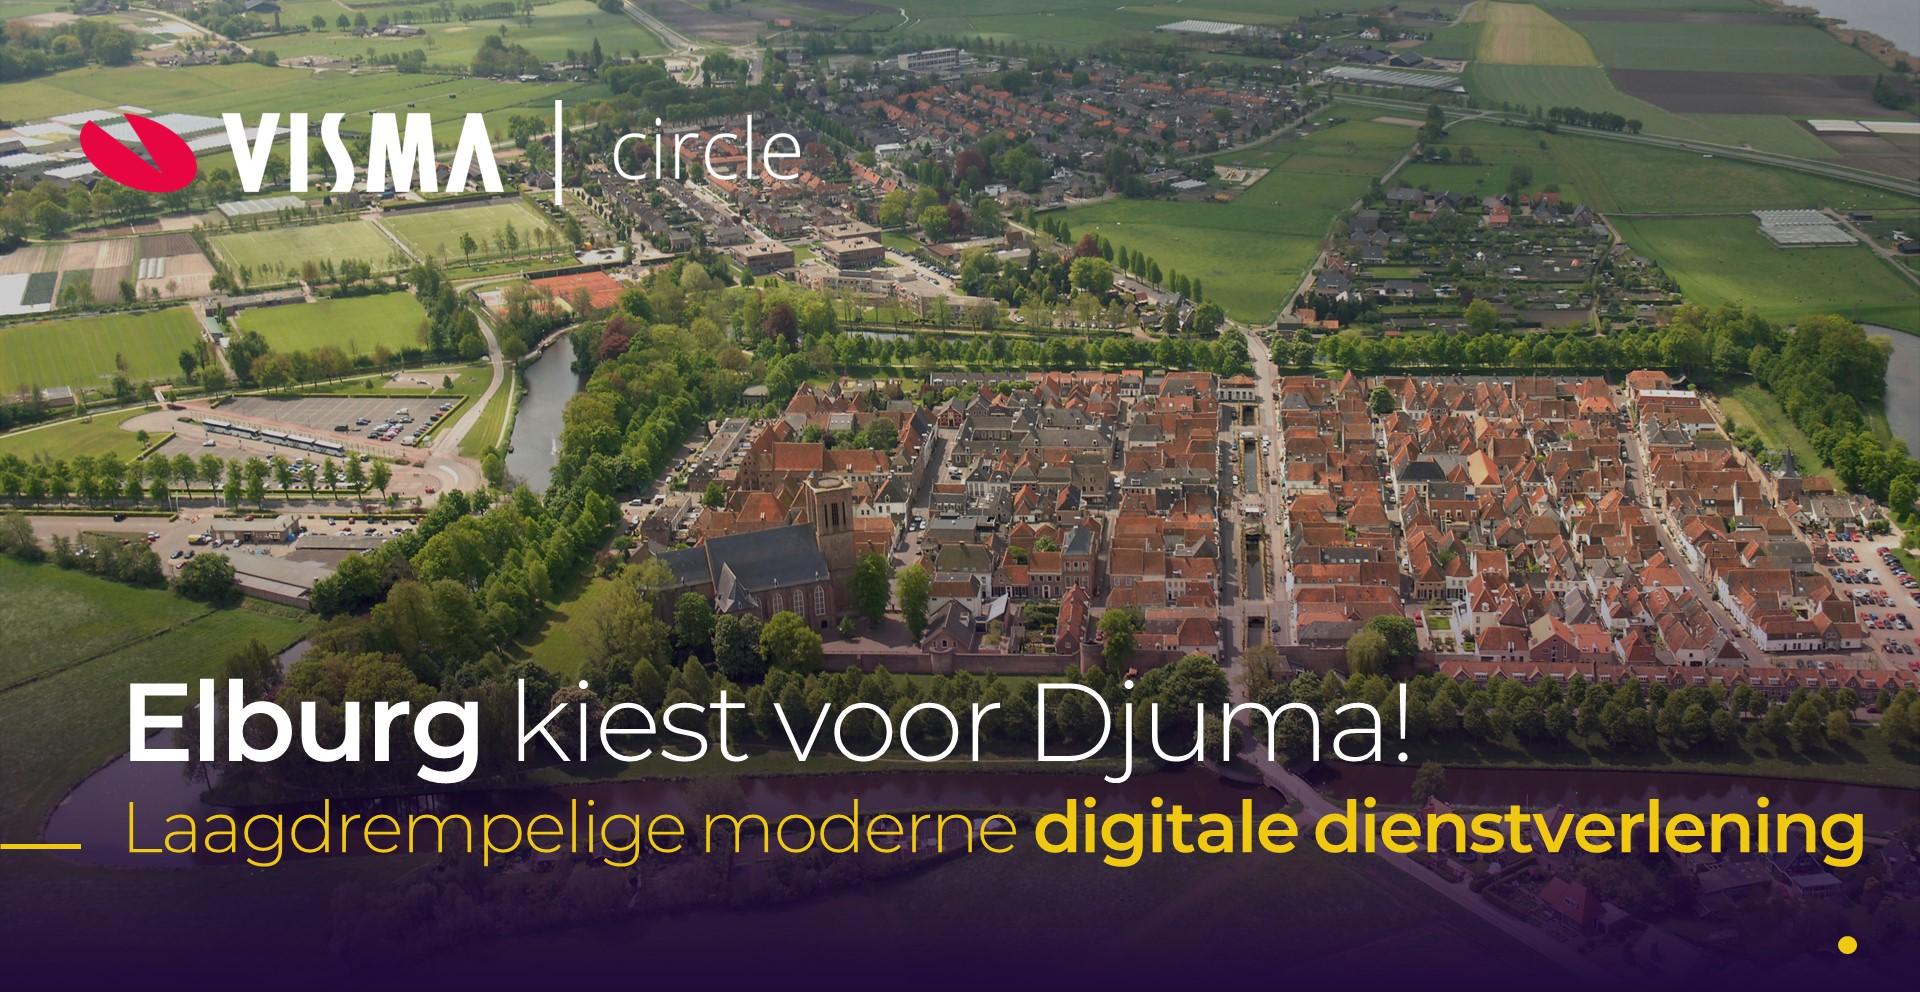 Gemeente Elburg kiest voor Djuma van Visma Circle